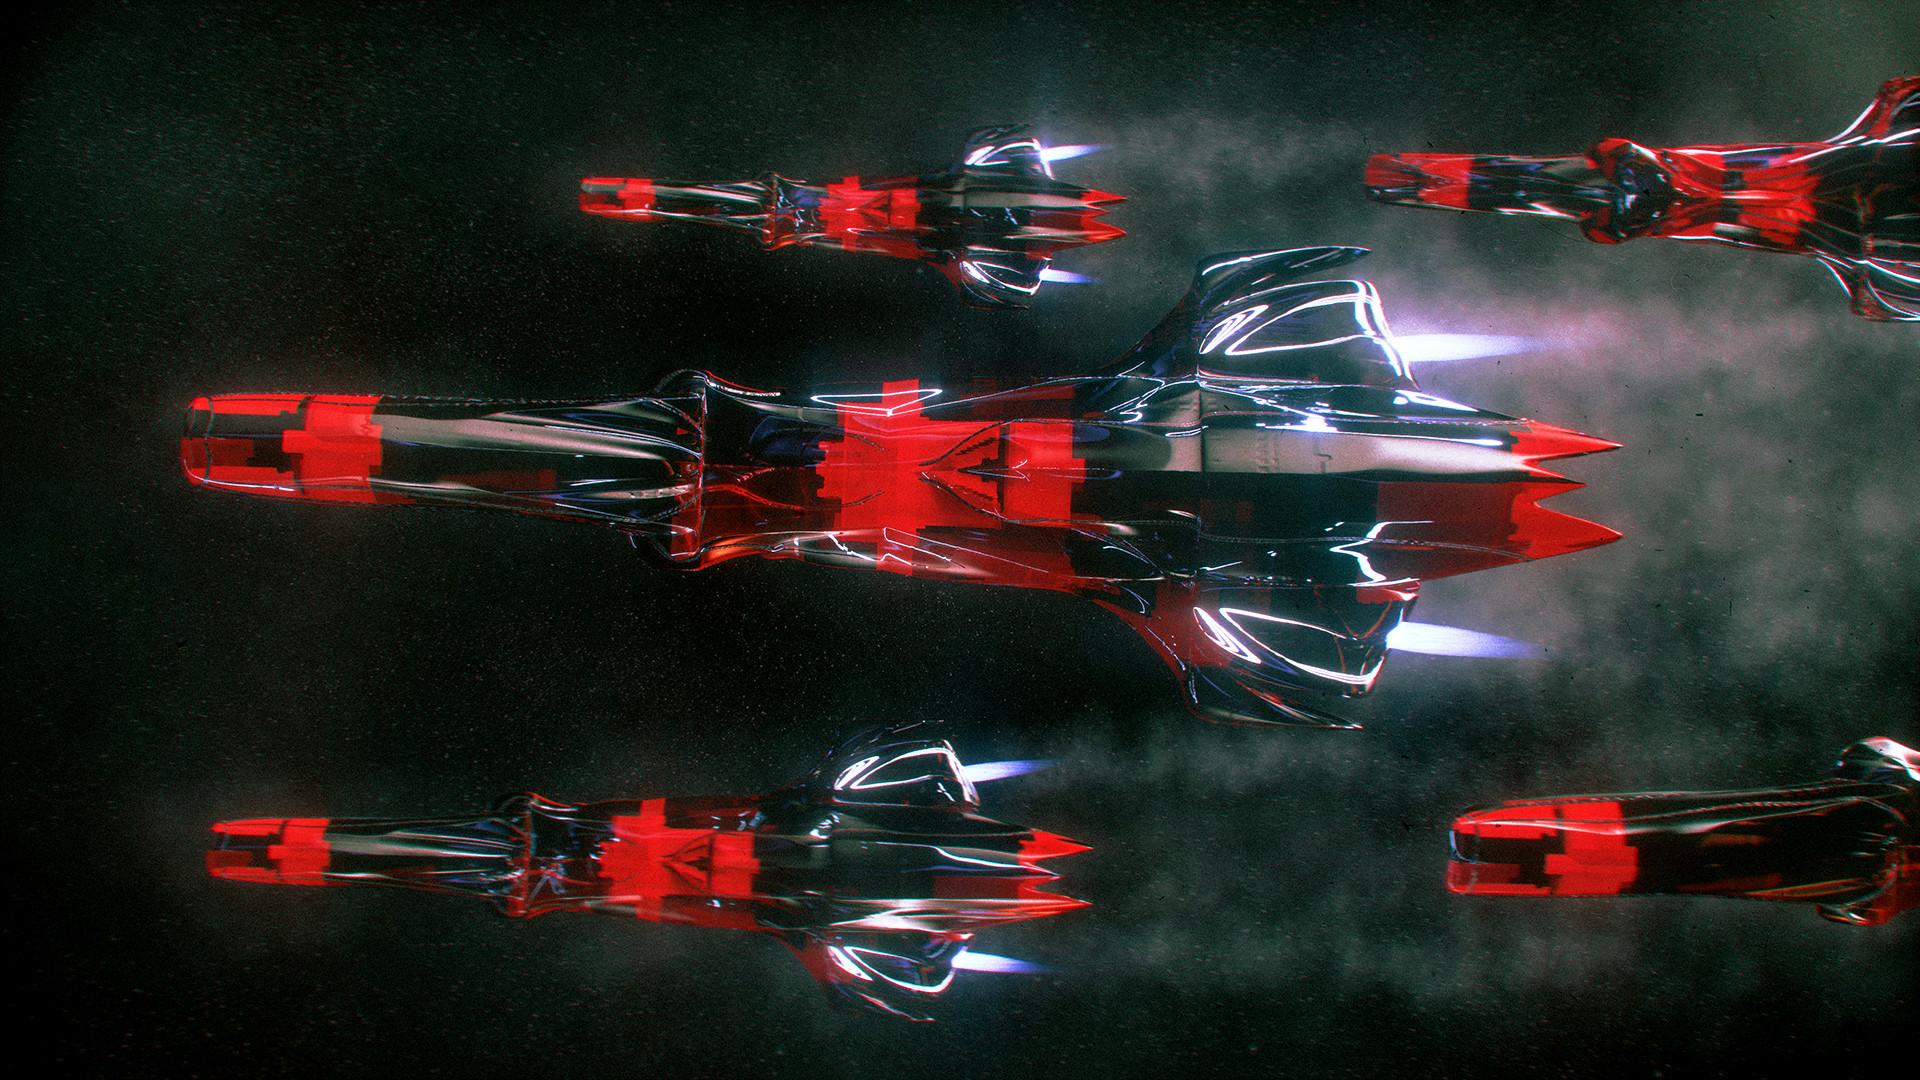 Kresimir jelusic 141 270216 red arrow